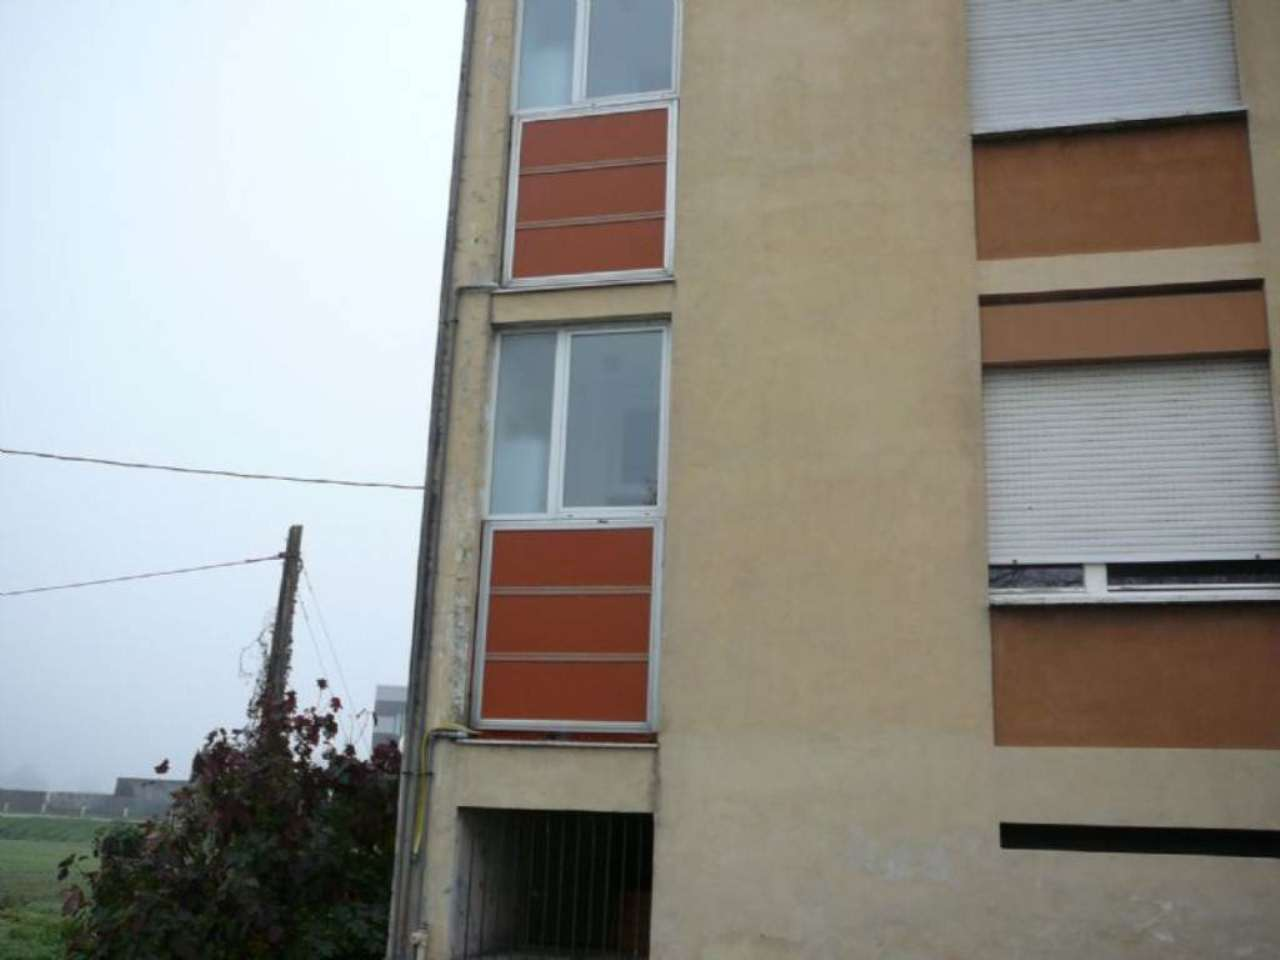 Bilocale Casale Monferrato Viale Guglielmo Marconi 9